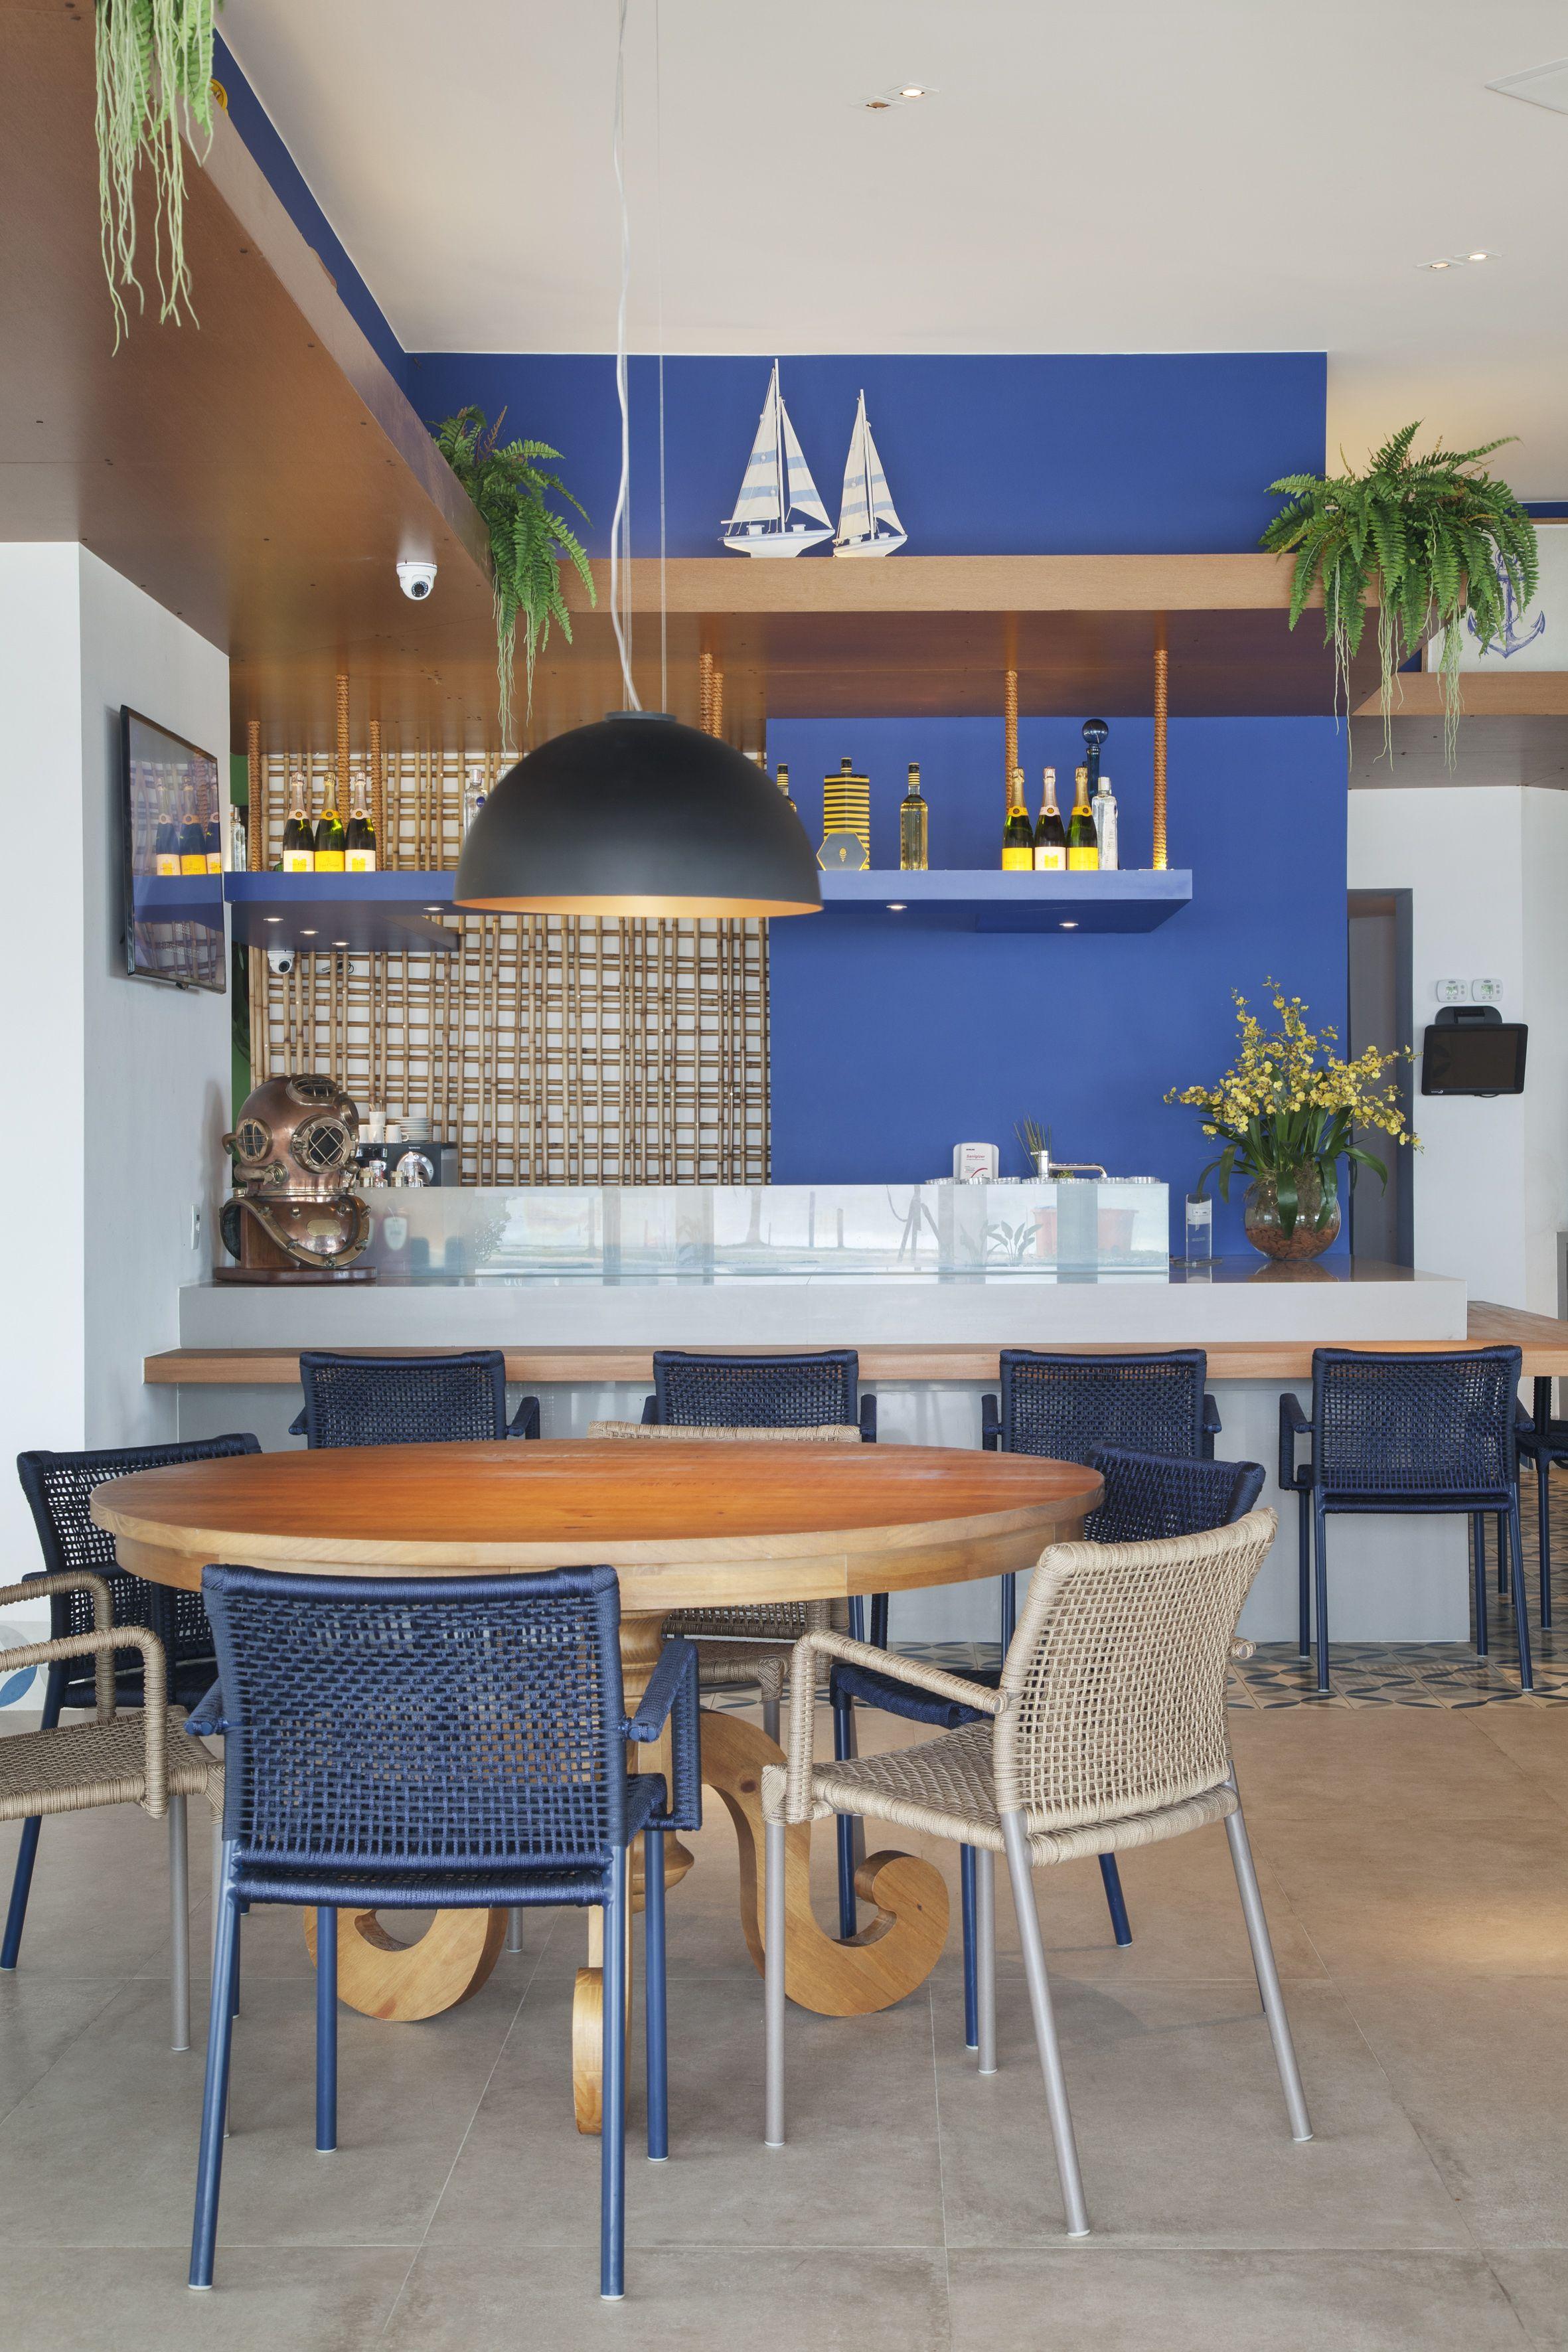 Restaurante - Hotel Praia Linda - Velero - Restaurante Velero - Restaurant - Barra da Tijuca - Saporito Engenharia - Studio 021